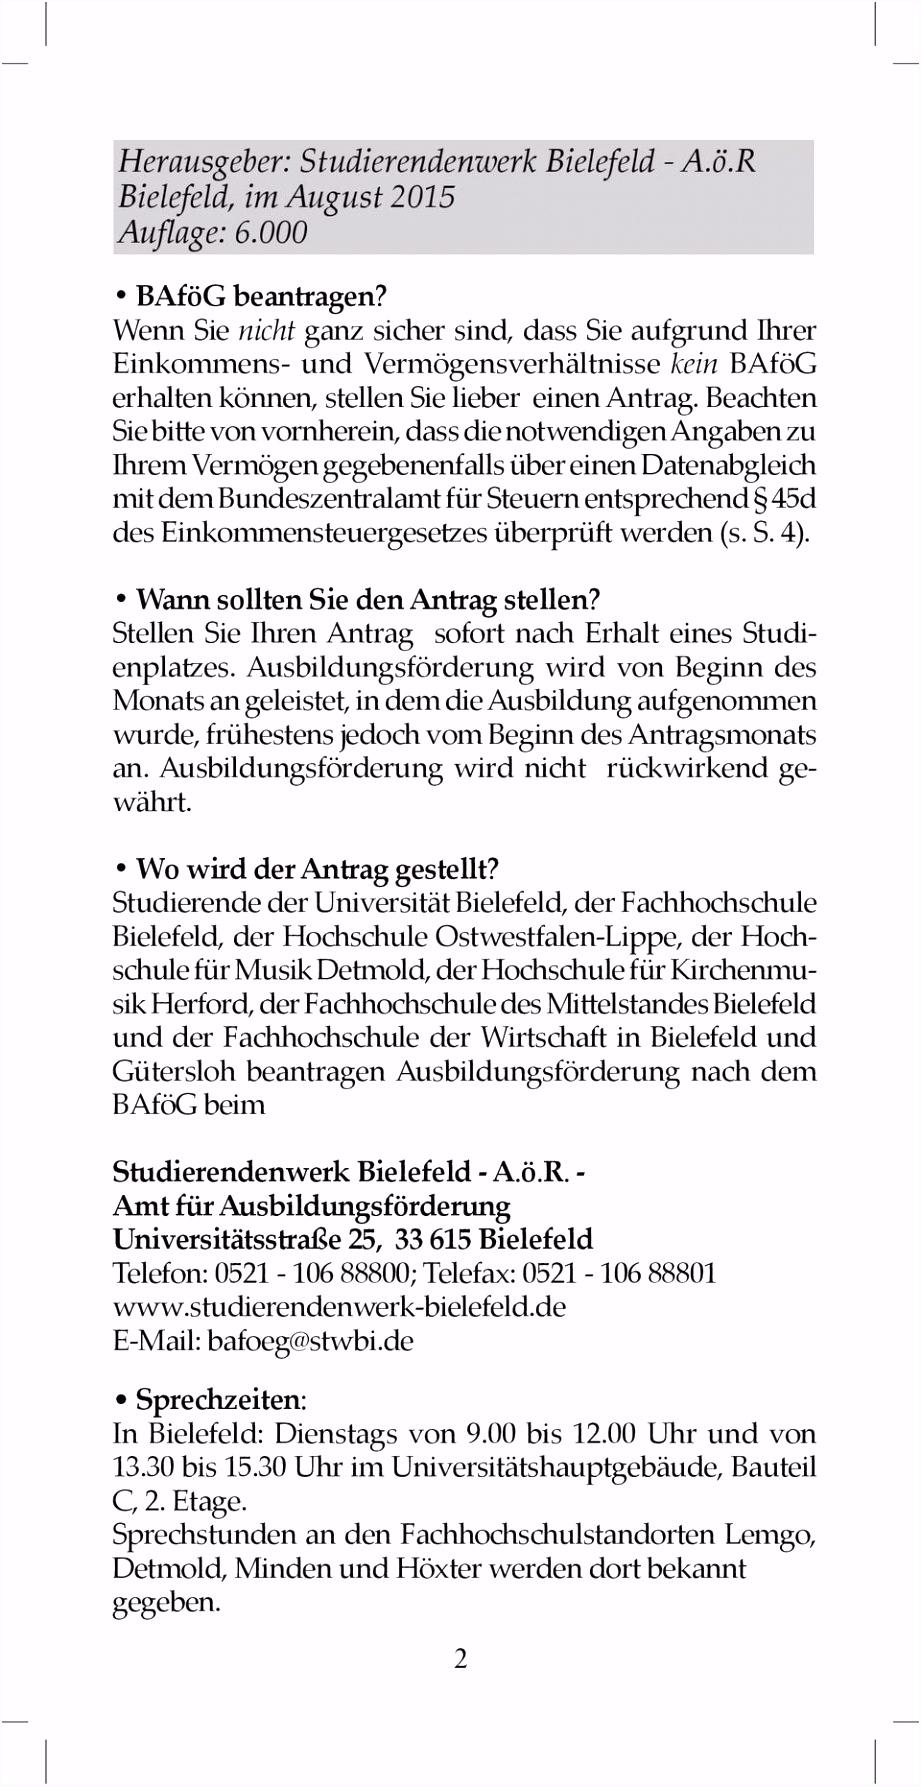 Herausgeber Stu rendenwerk Bielefeld A ö R Bielefeld im August